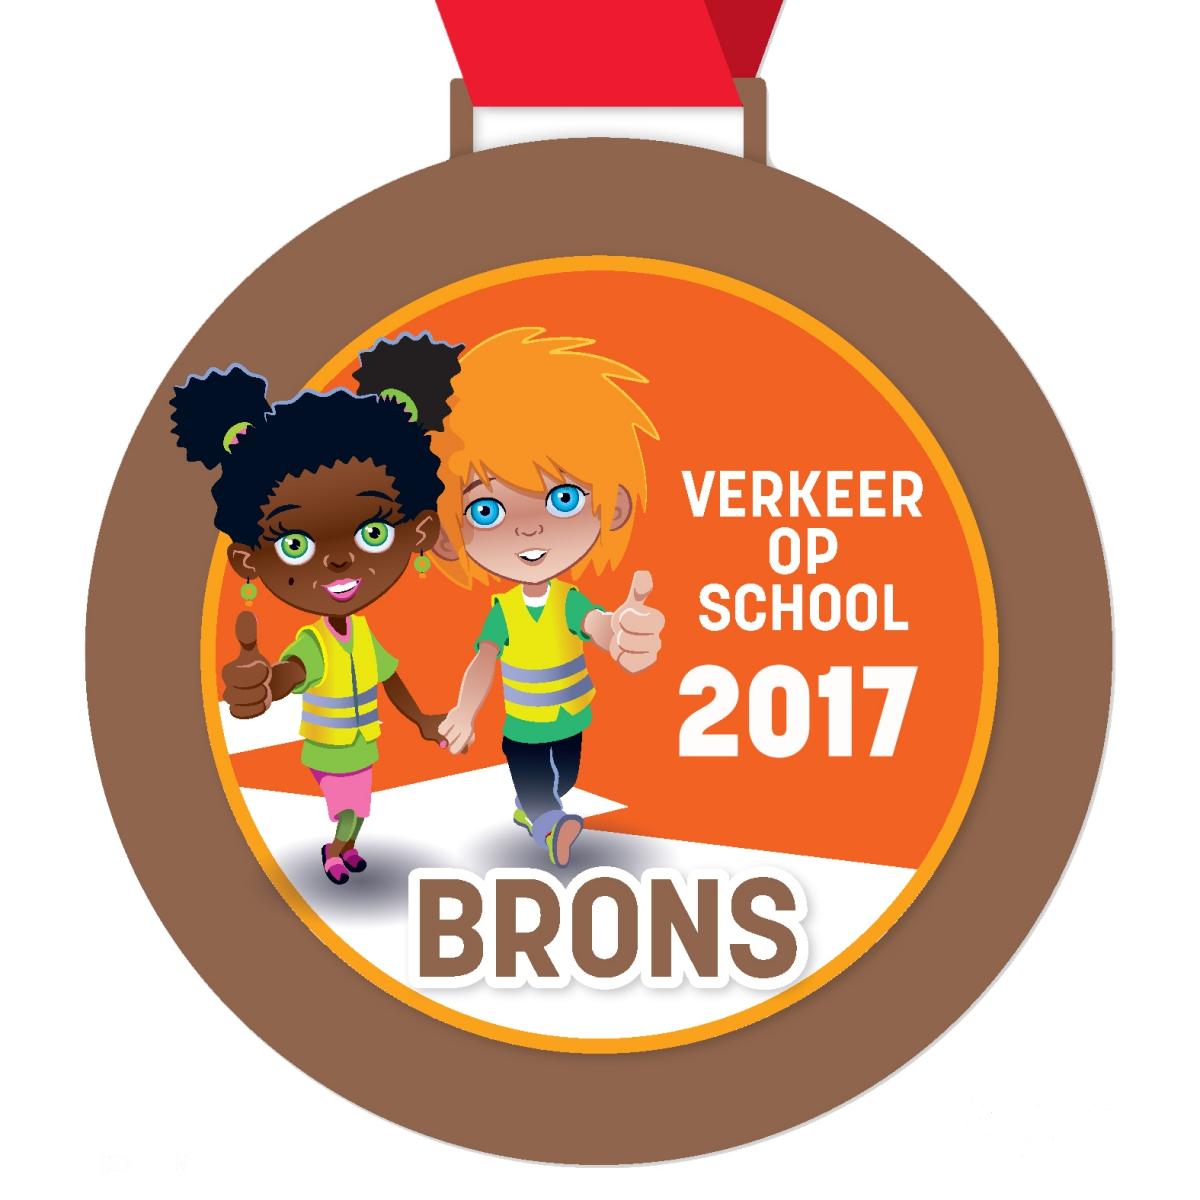 medaille verkeer op school